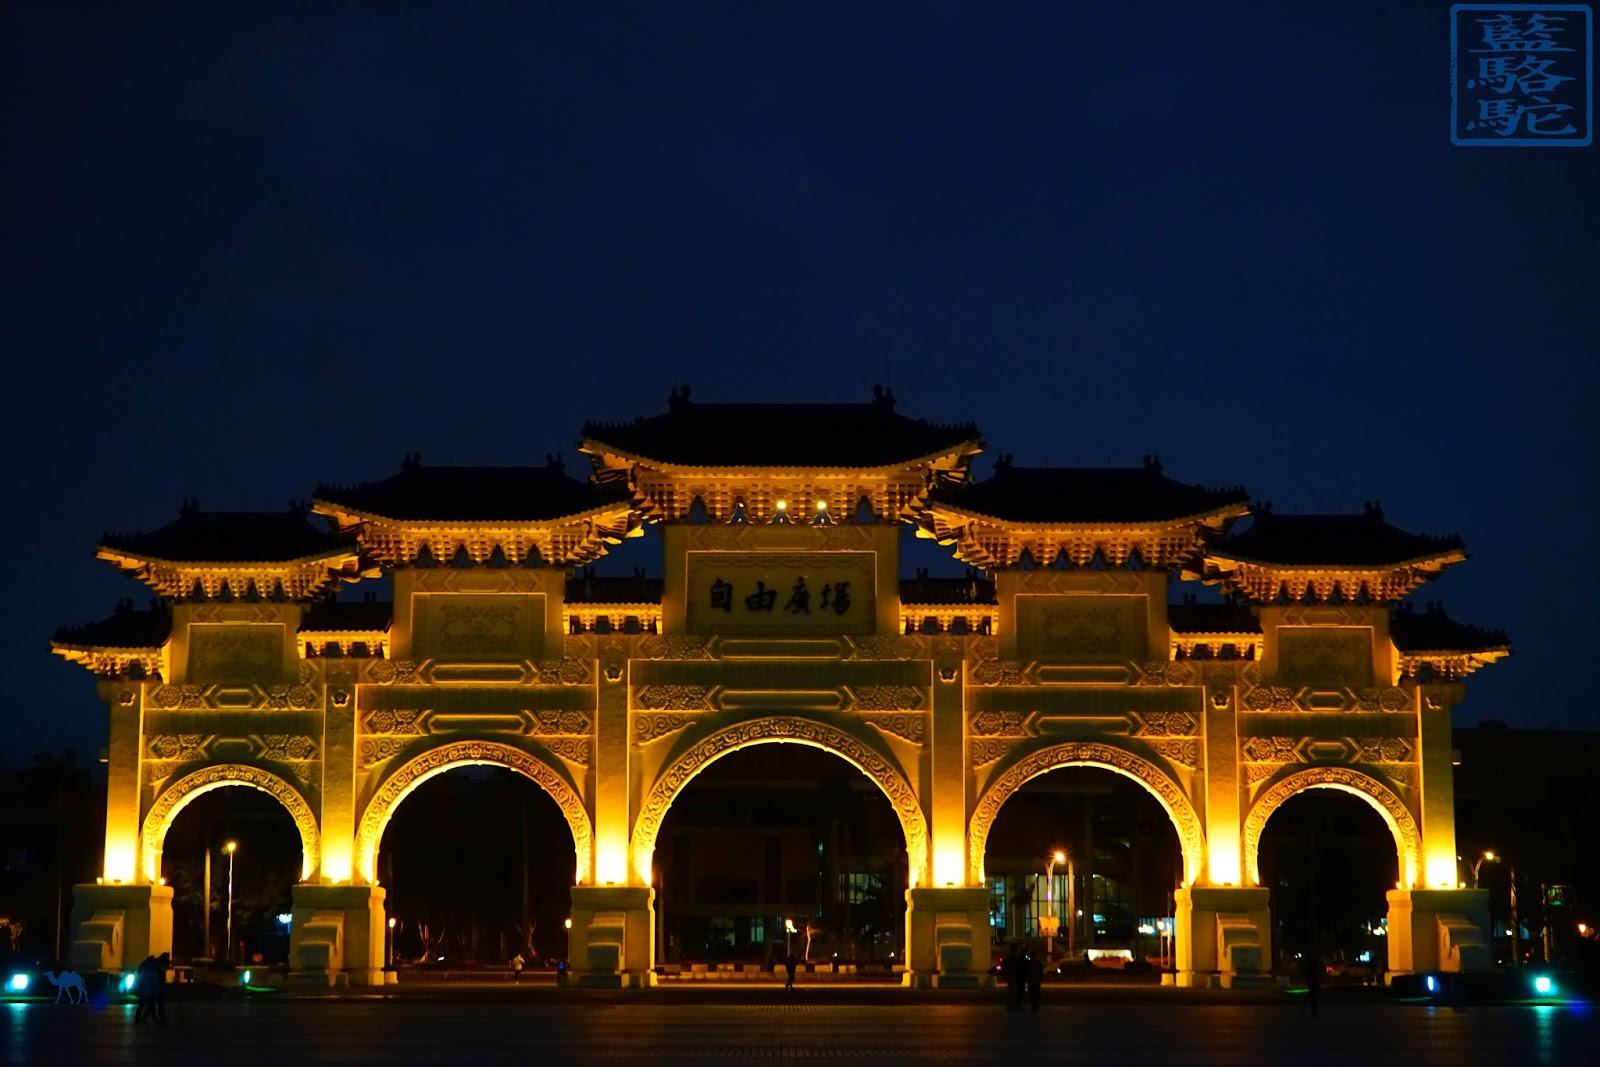 Le Chameau Bleu - Porte de la place de la liberté à Taipei Taiwan